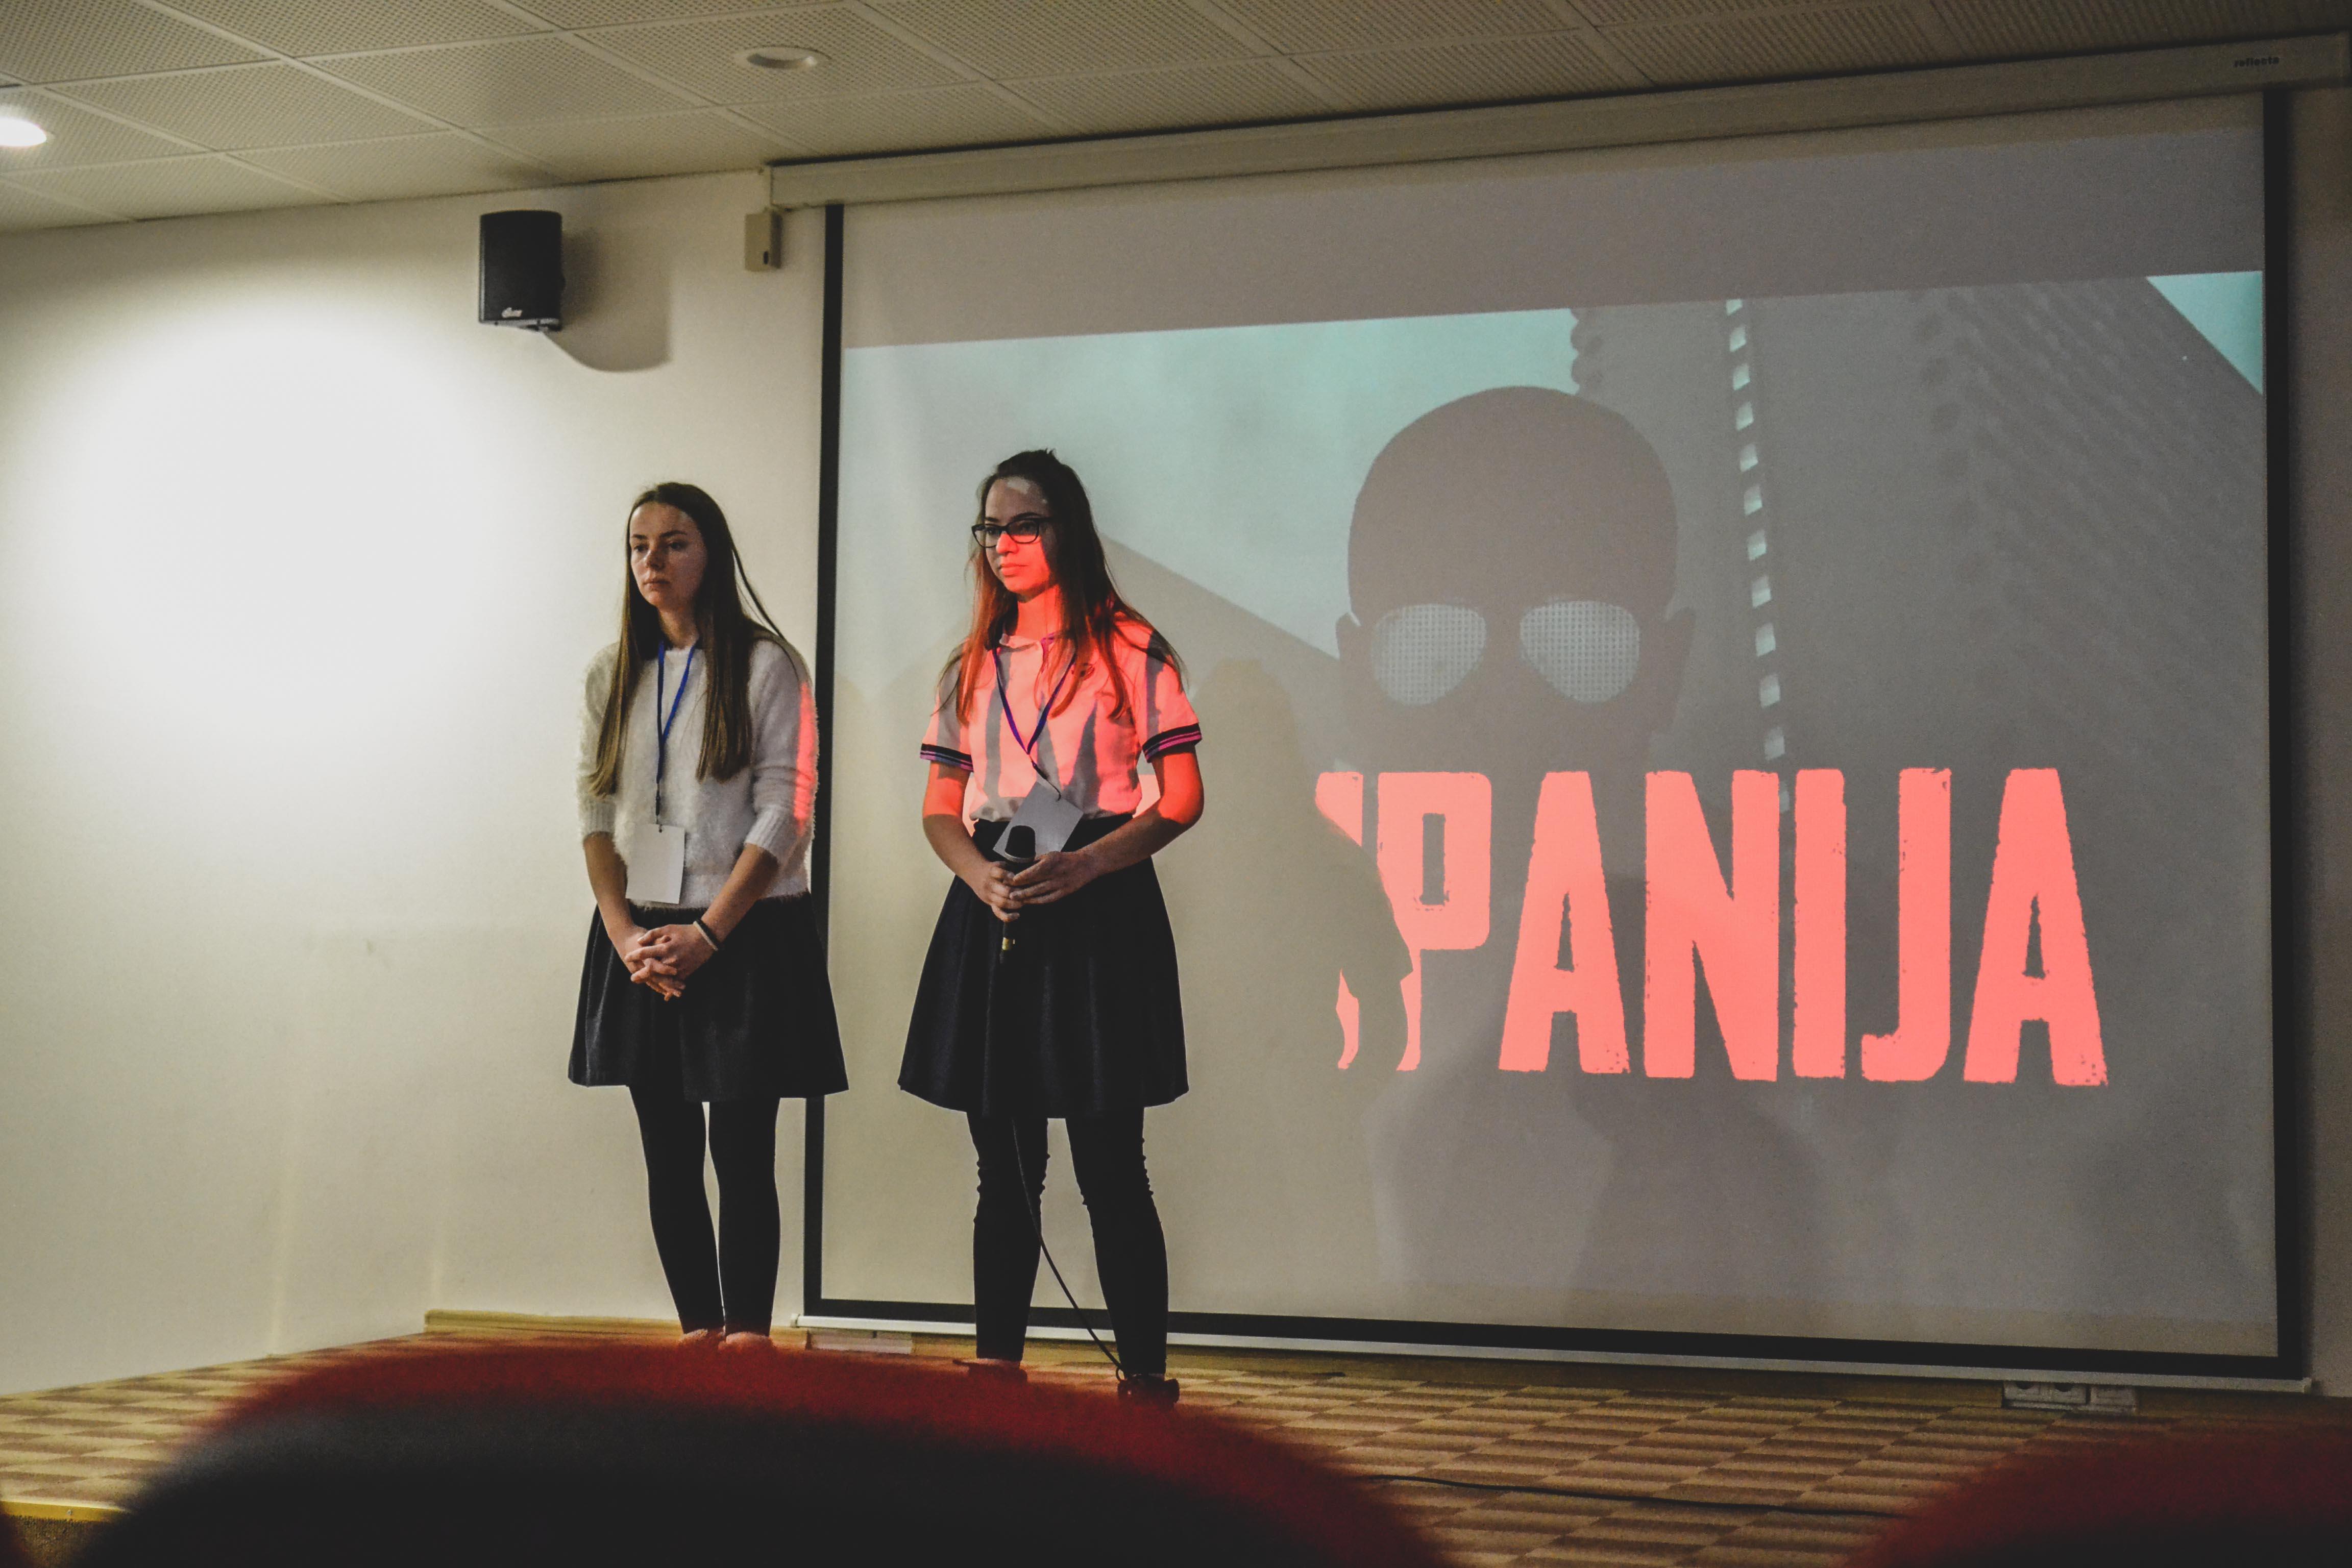 Dobre vijesti iz regije: srednjoškolci osvojili prvo mjesto na BOSEPO olimpijadi za najbolji kratkometražni film!